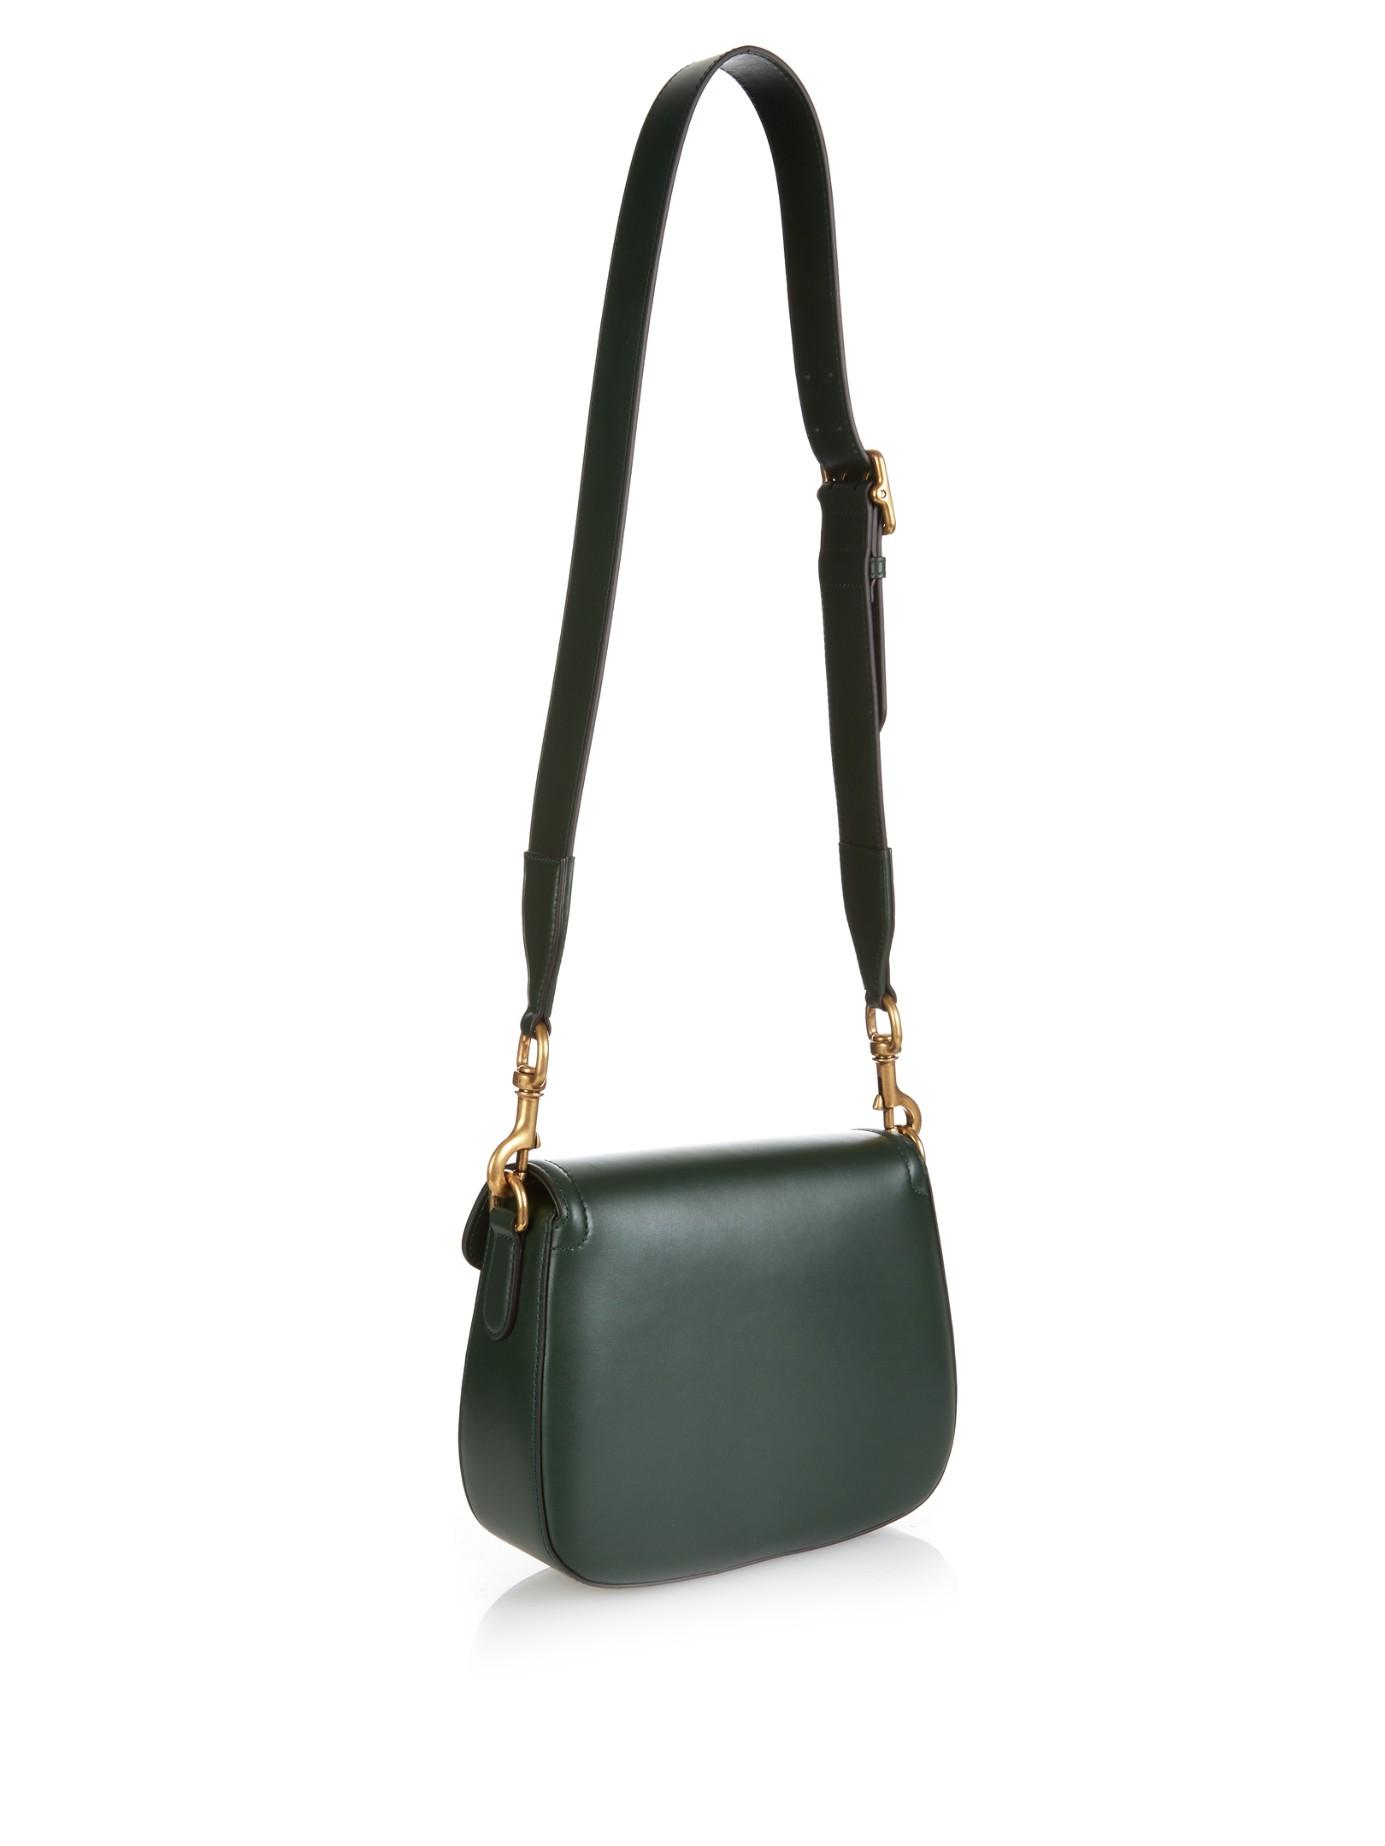 9a60fdab261 Lyst - Gucci Lady Web Medium Leather Cross-body Bag in Green